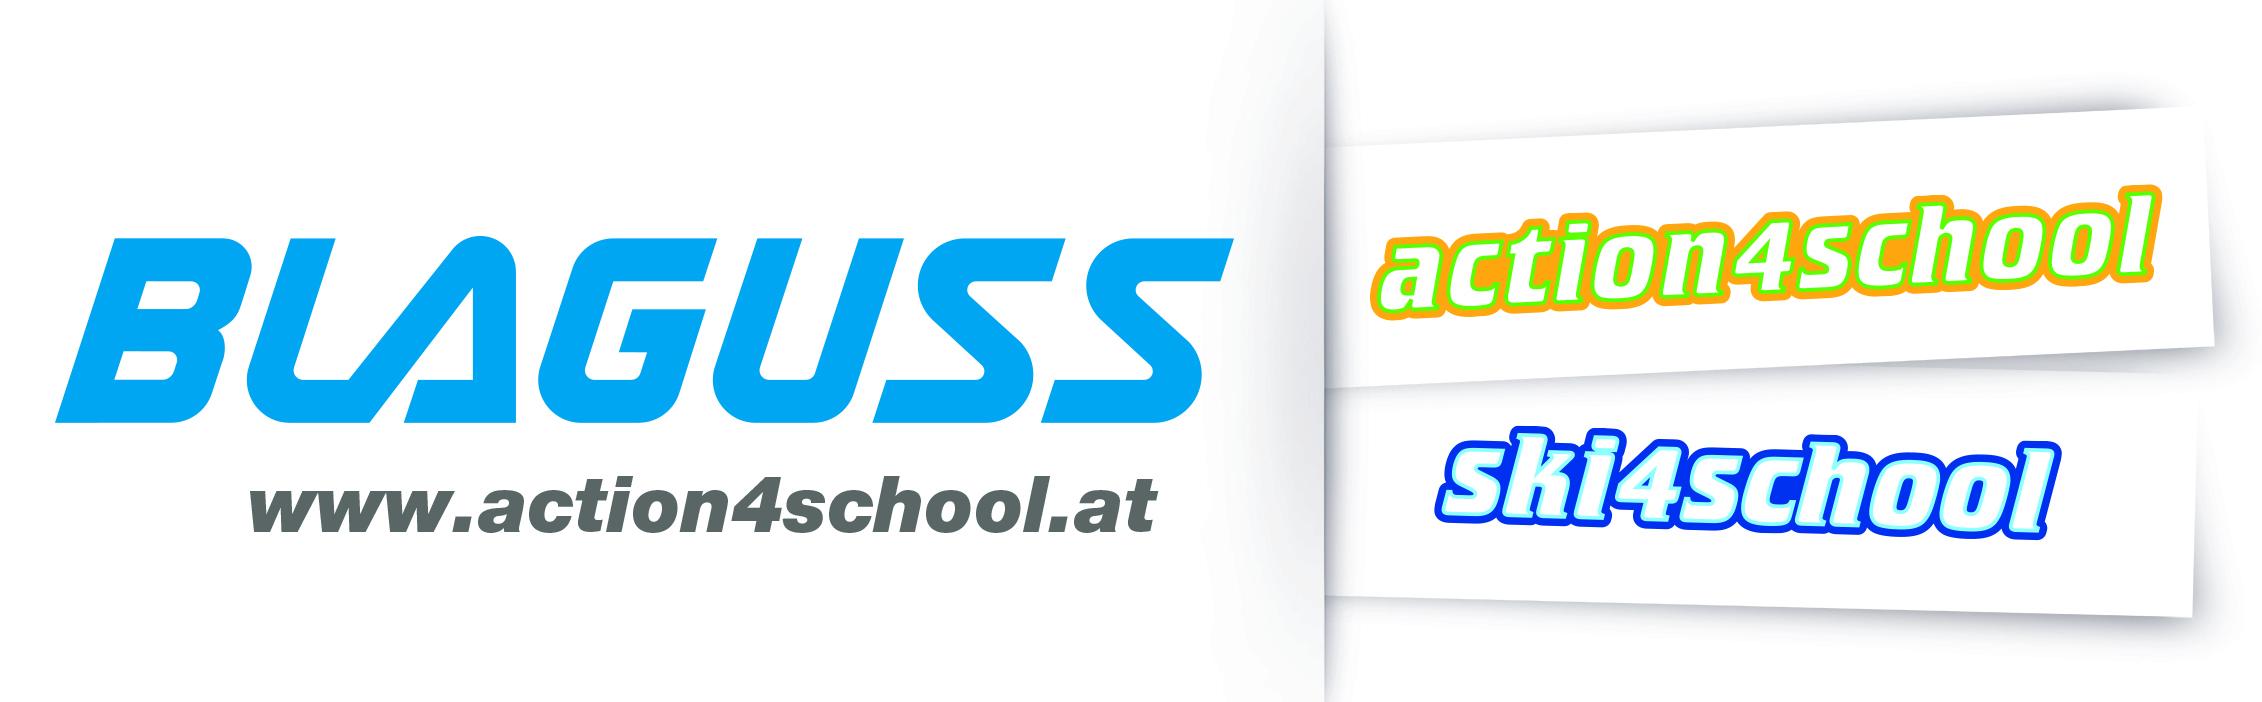 Blaguss Logo